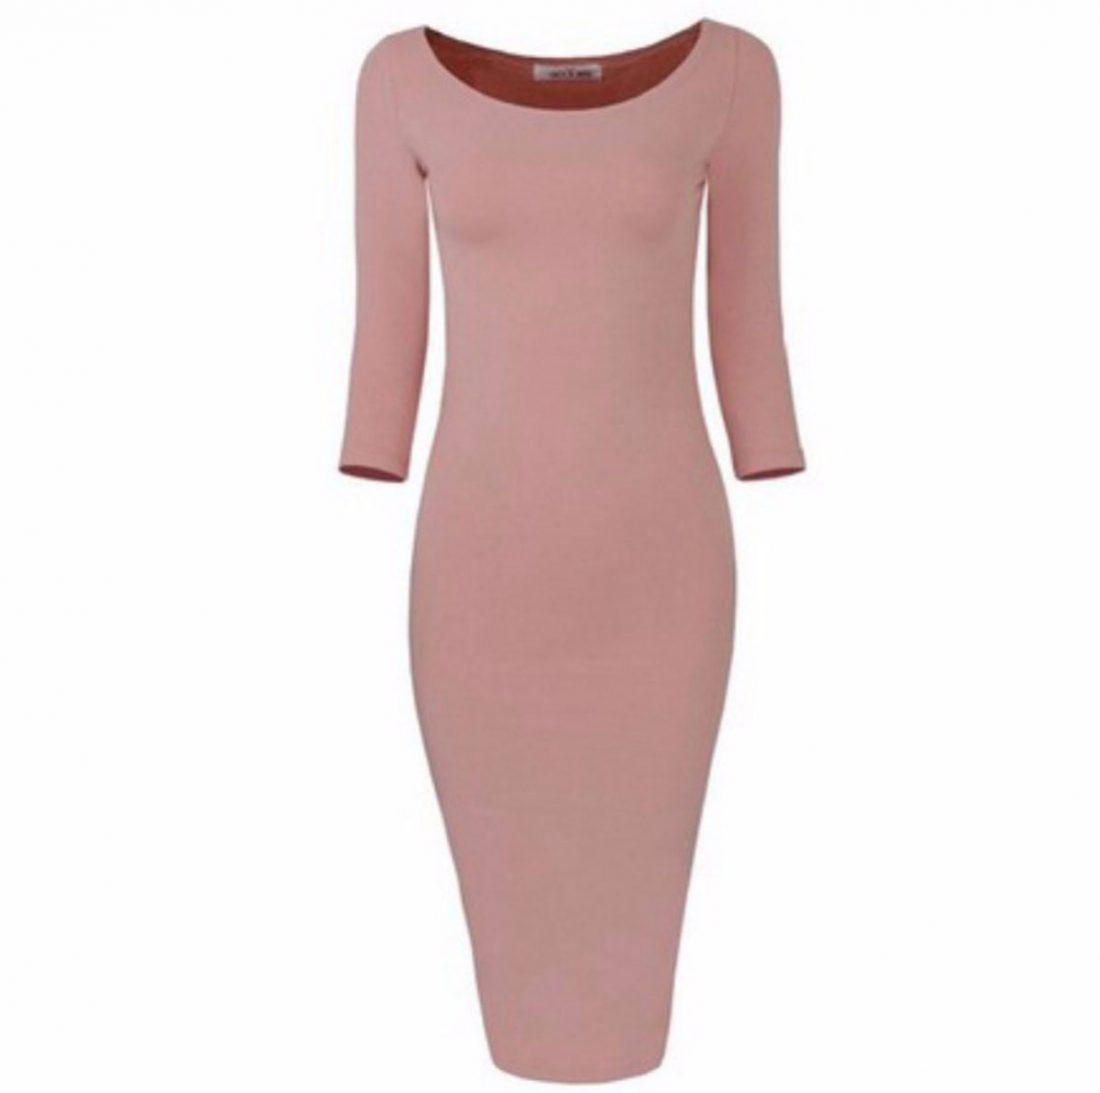 M0172 rose1 Bodycon Dresses maureens.com boutique